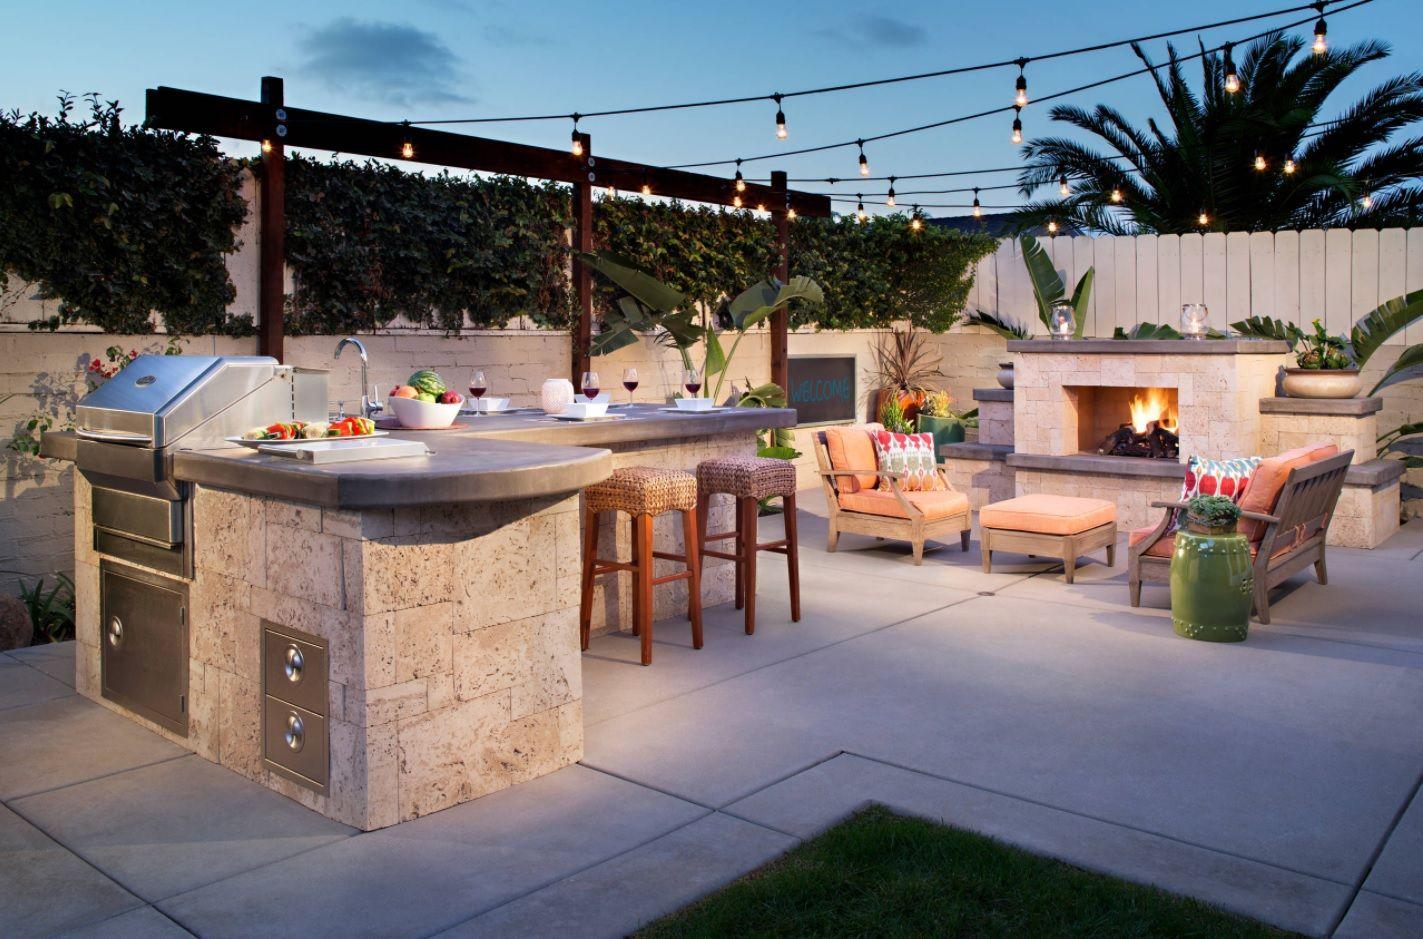 DIY Pouring Concrete Countertops. Interior Usage, Photos, Ideas. Outdoor backyard rest zone